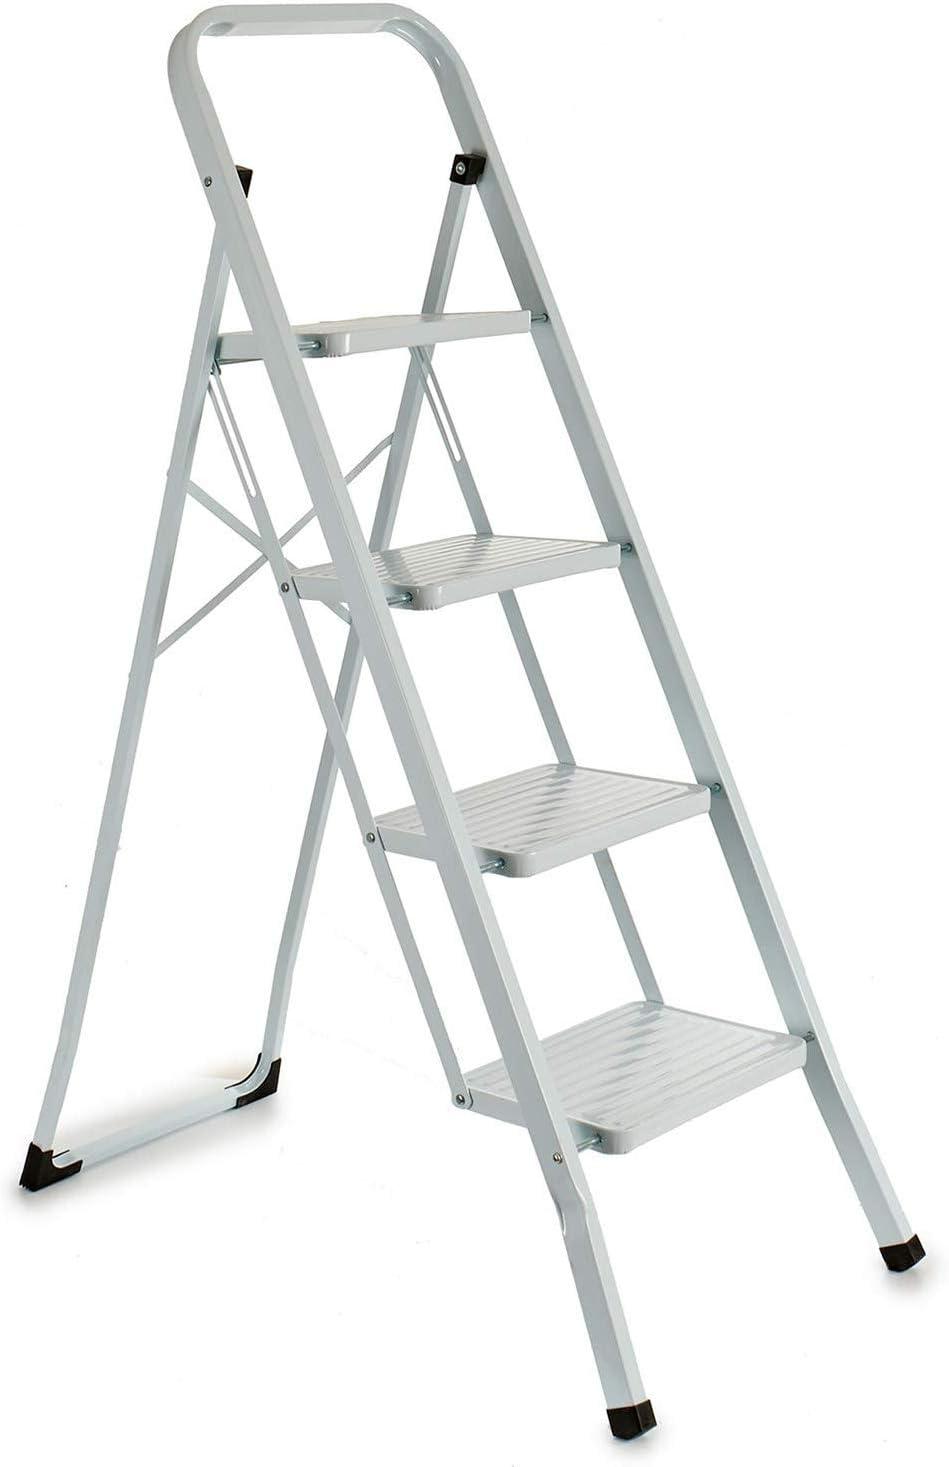 Escalerilla, Escalera plegable Antideslizantes, Negro, Acero Inoxidable (4 Peldaños Blanco): Amazon.es: Bricolaje y herramientas